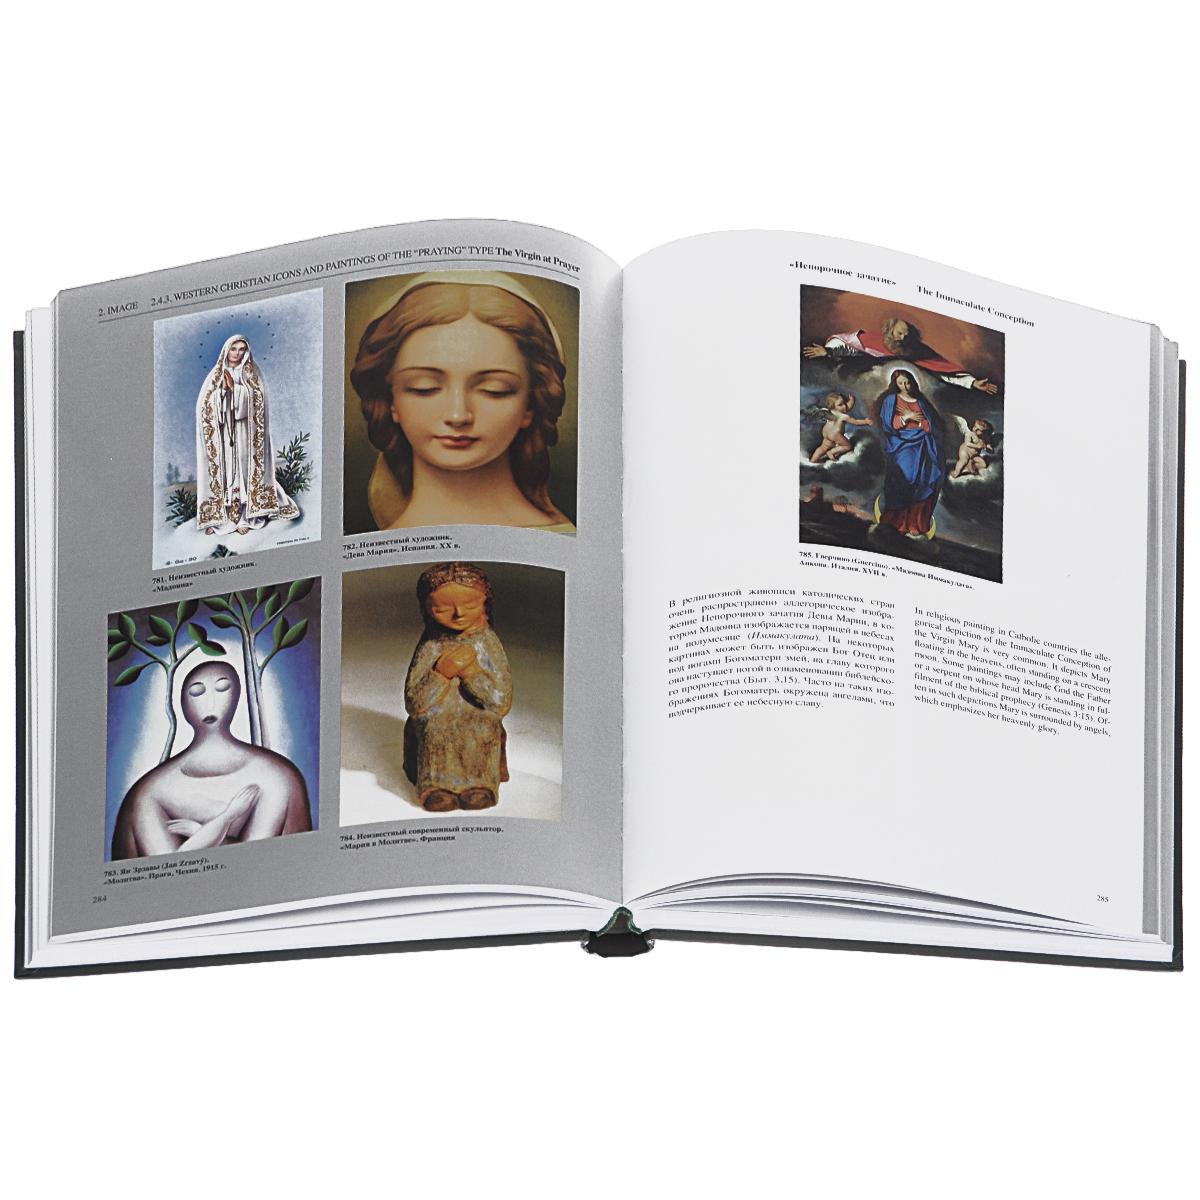 Богородица, Богоматерь, Мадонна, Пресвятая Дева на художественных открытках и бумажных иконах. Книга 2 / Mother of God, Theotokos, Madonna, Holy Virgin on Picture Postcards and Paper Icons: Book 2